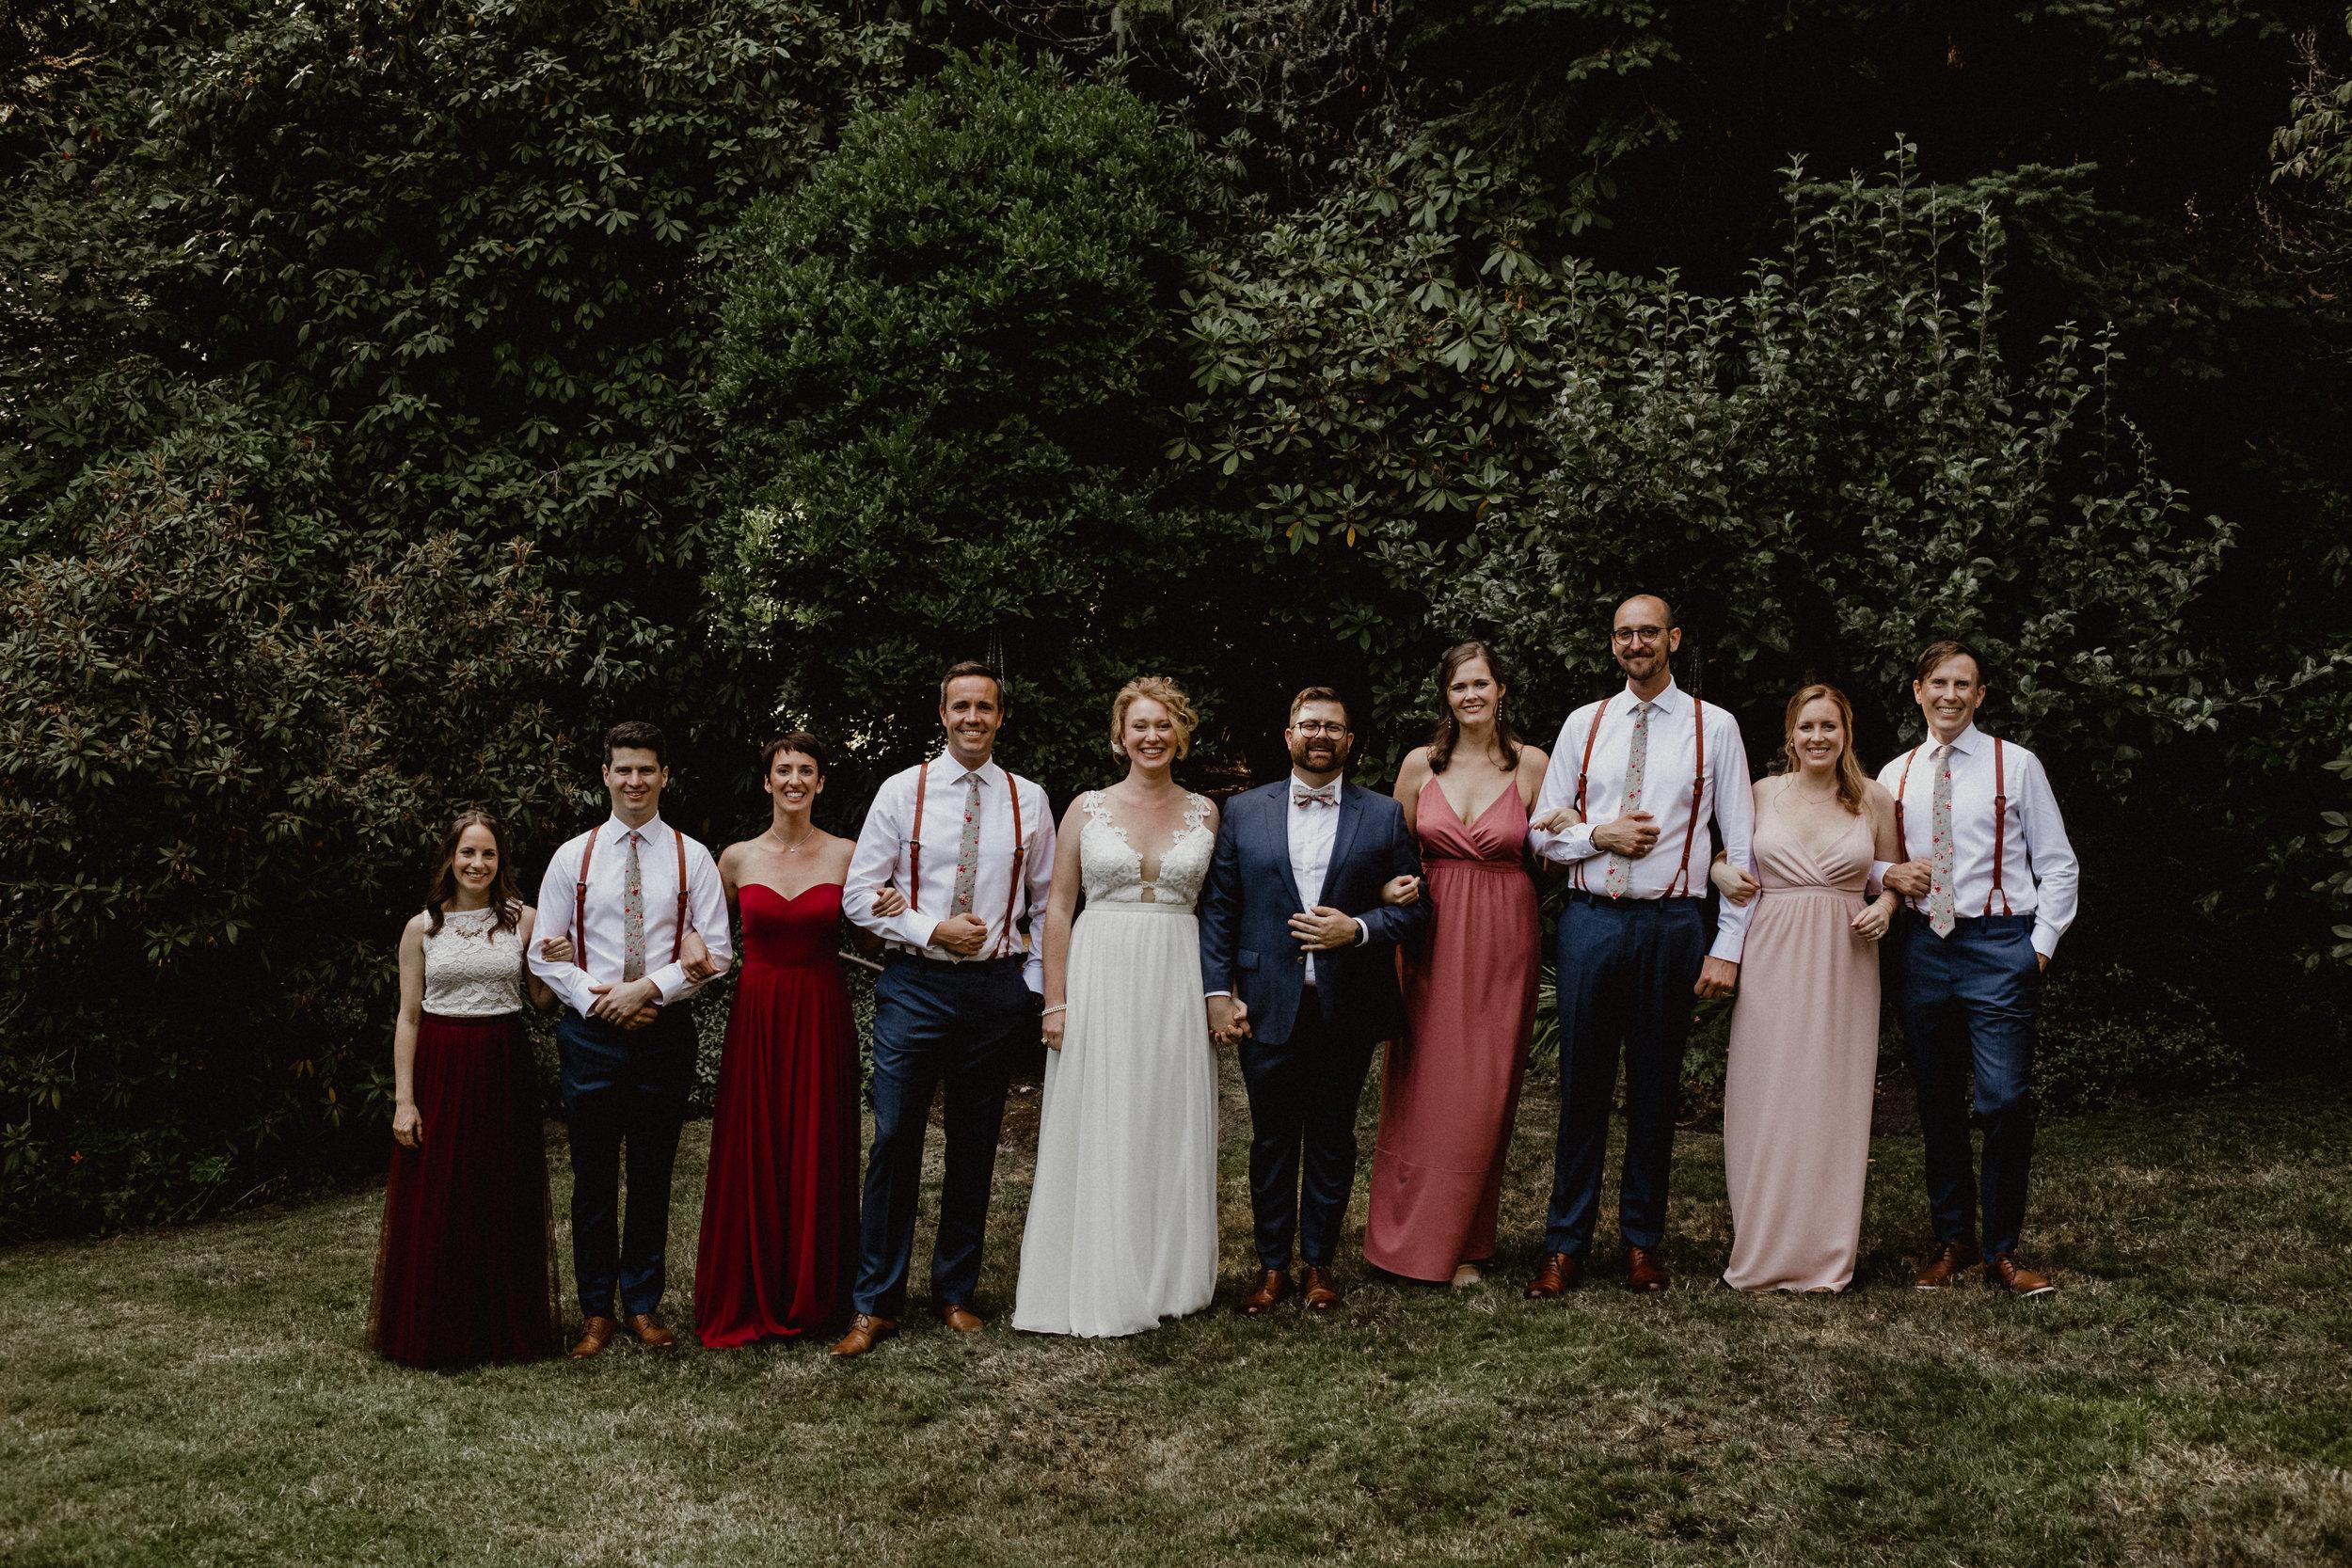 west-vancouver-backyard-wedding-165.jpg